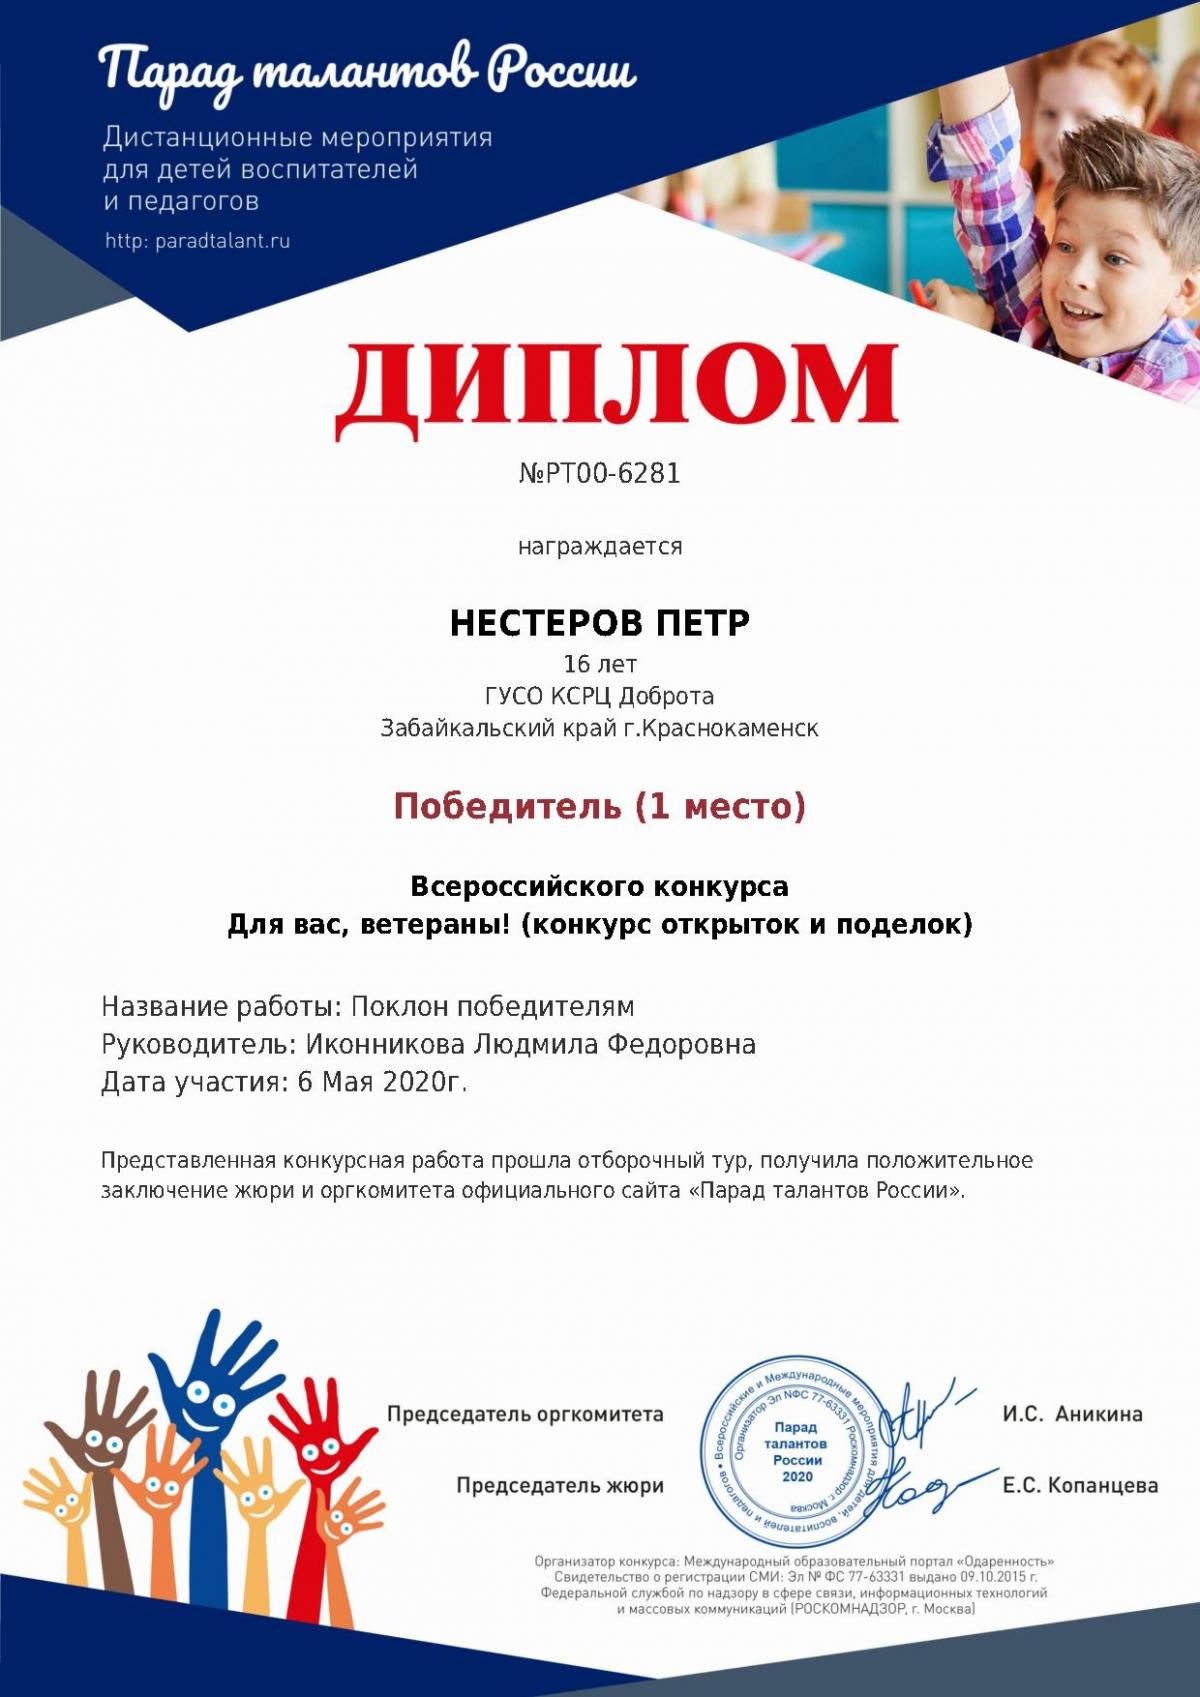 Таланты россии официальный сайт международных и всесоюзных конкурсов